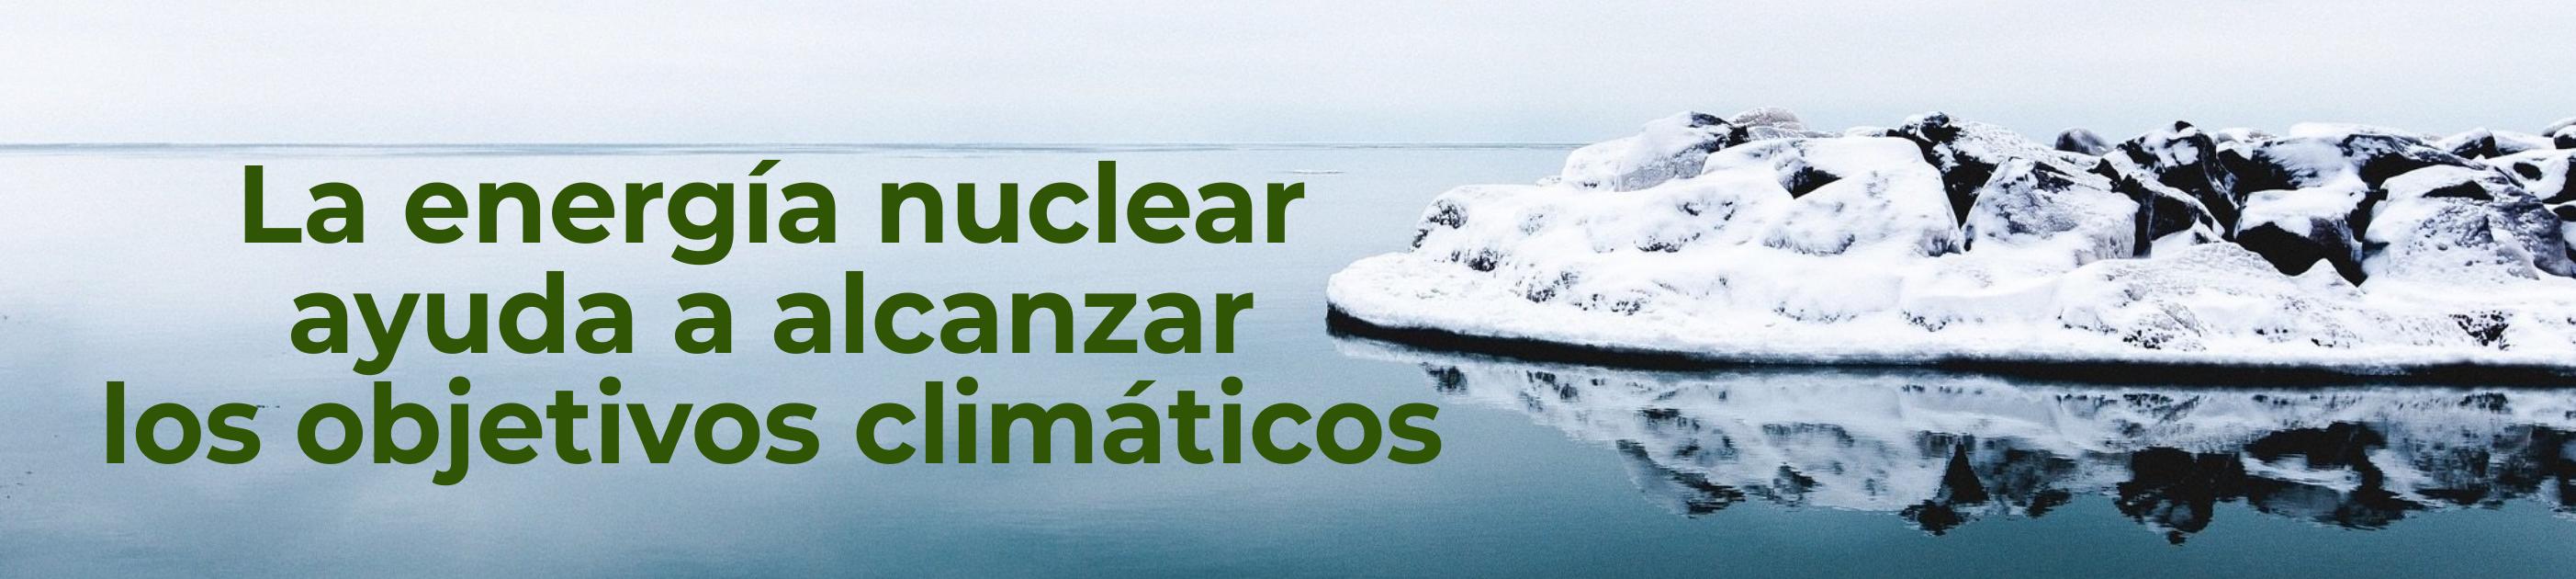 Banner energía nuclear y objetivos cambio climático